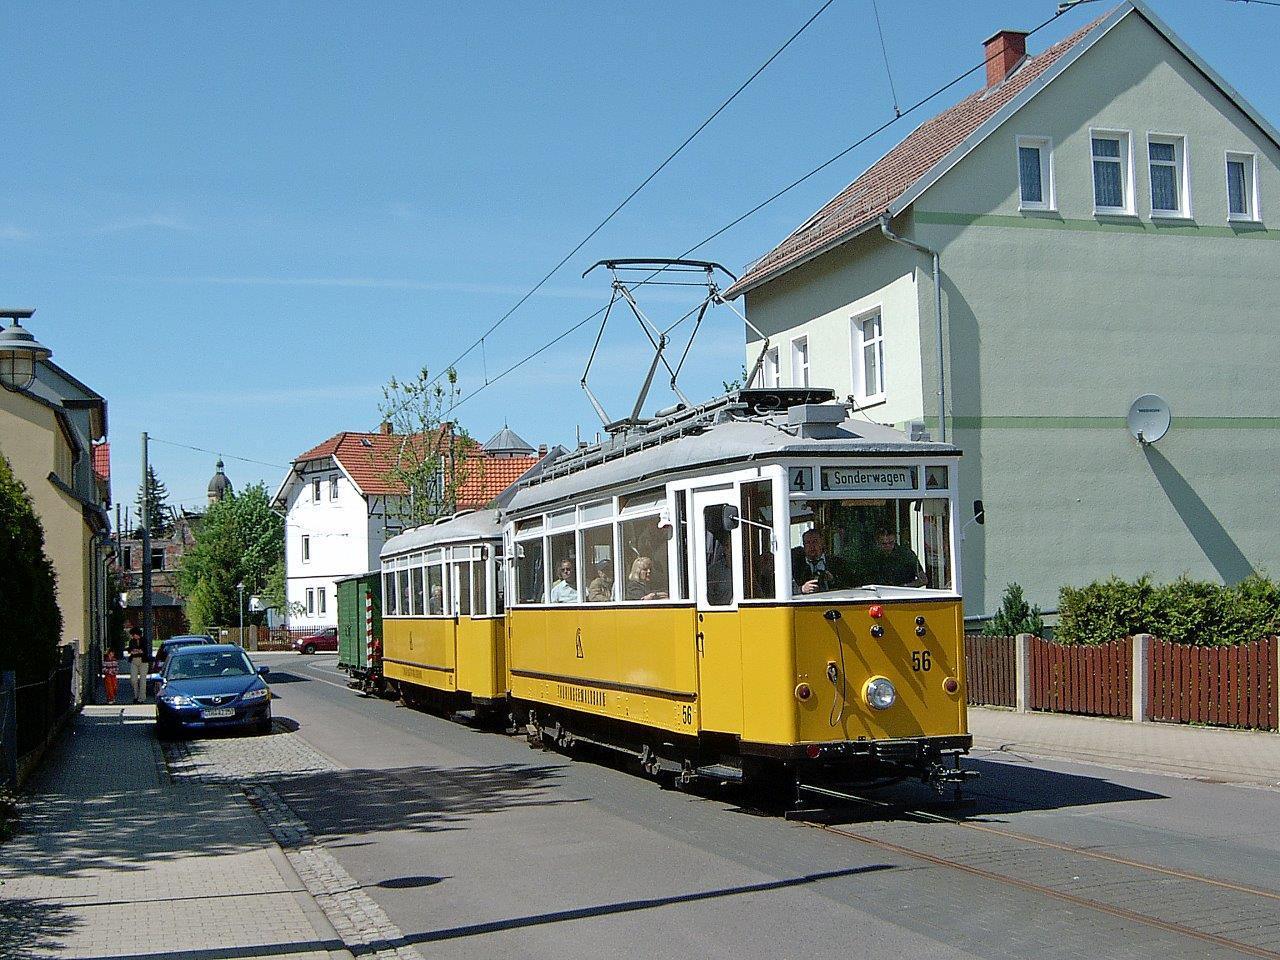 Wieder die Ortsdurchfahrt durch Waltershausen. Schön sind die Unterschiede zu den 15 Jahre zuvor entstandenen Fotos zu erkennen.